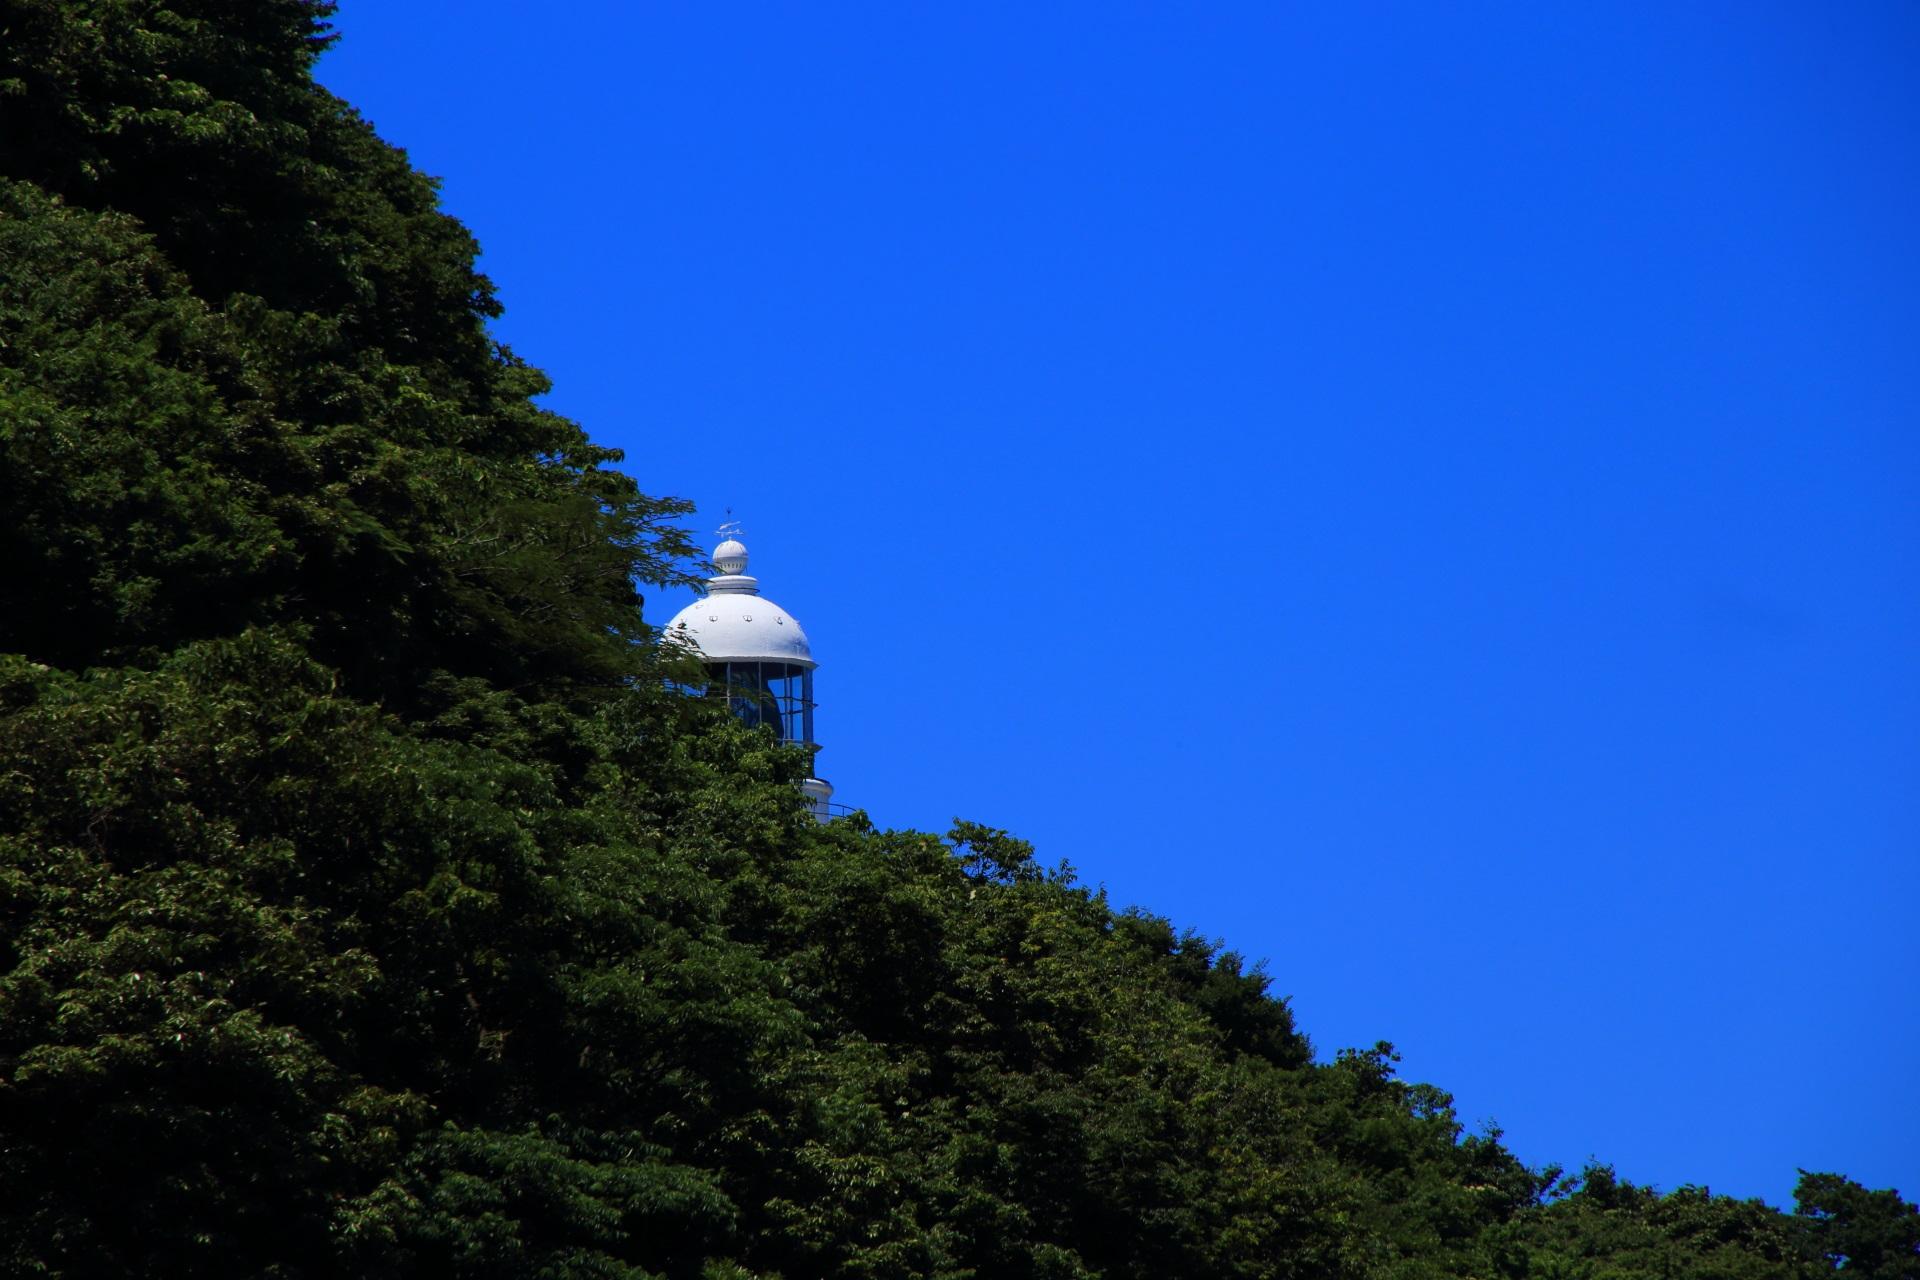 京丹後の経ヶ岬展望台から眺める山の中腹にある白い経ヶ岬灯台